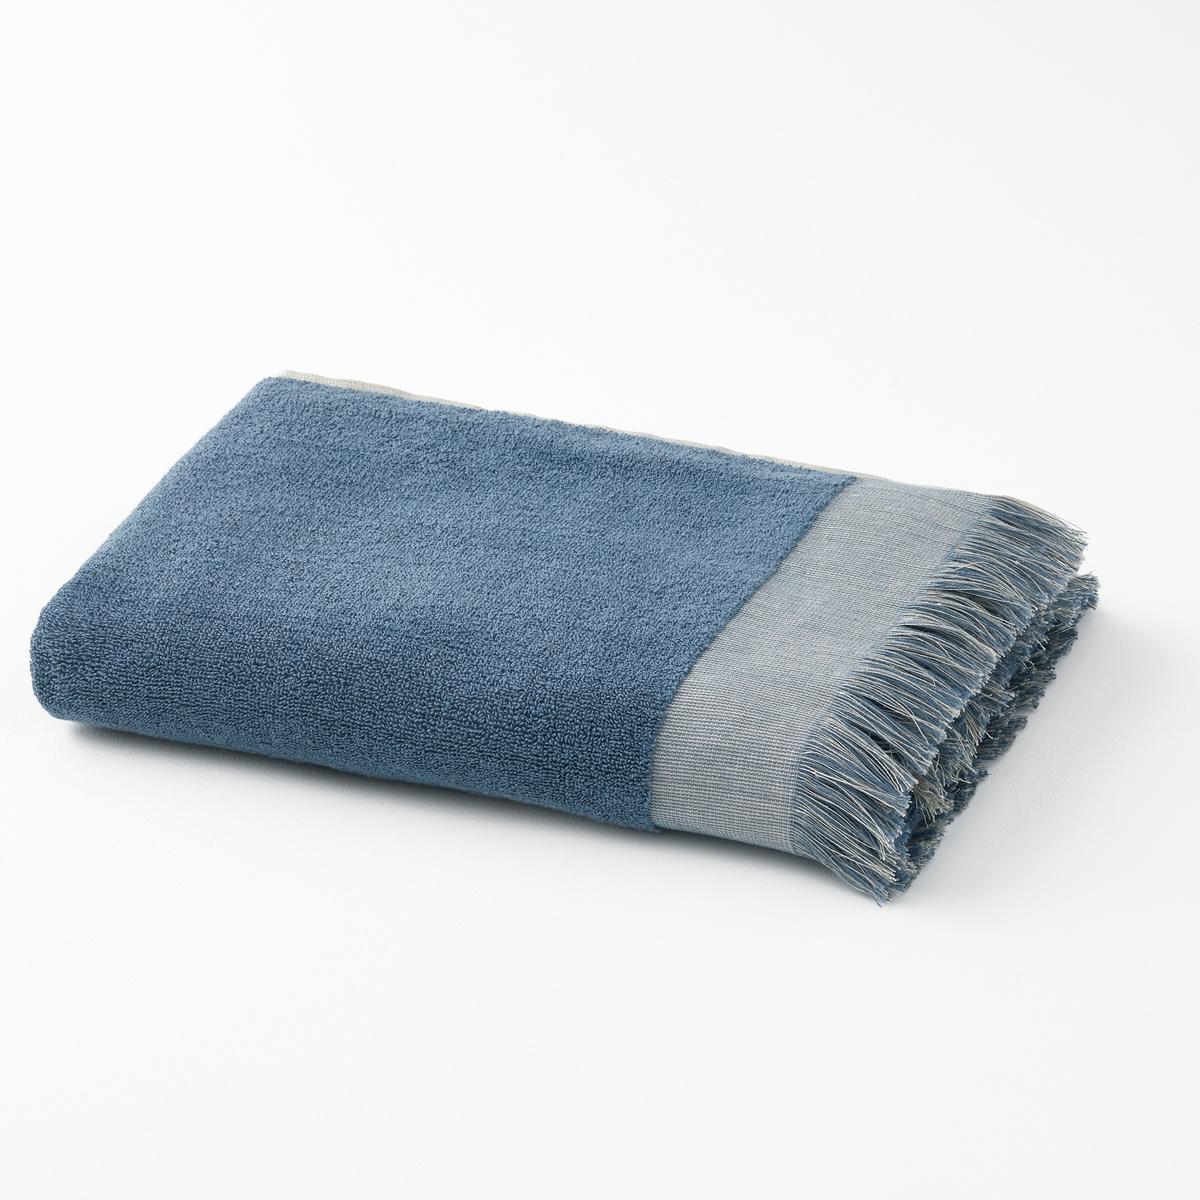 Полотенце банное махровое из хлопка с бахромой HAMMAM [супермаркет] hing jingdong полотенца сушка хлопчатобумажные 32 взрослых полотенце три загружено 32 72см смешение цветов